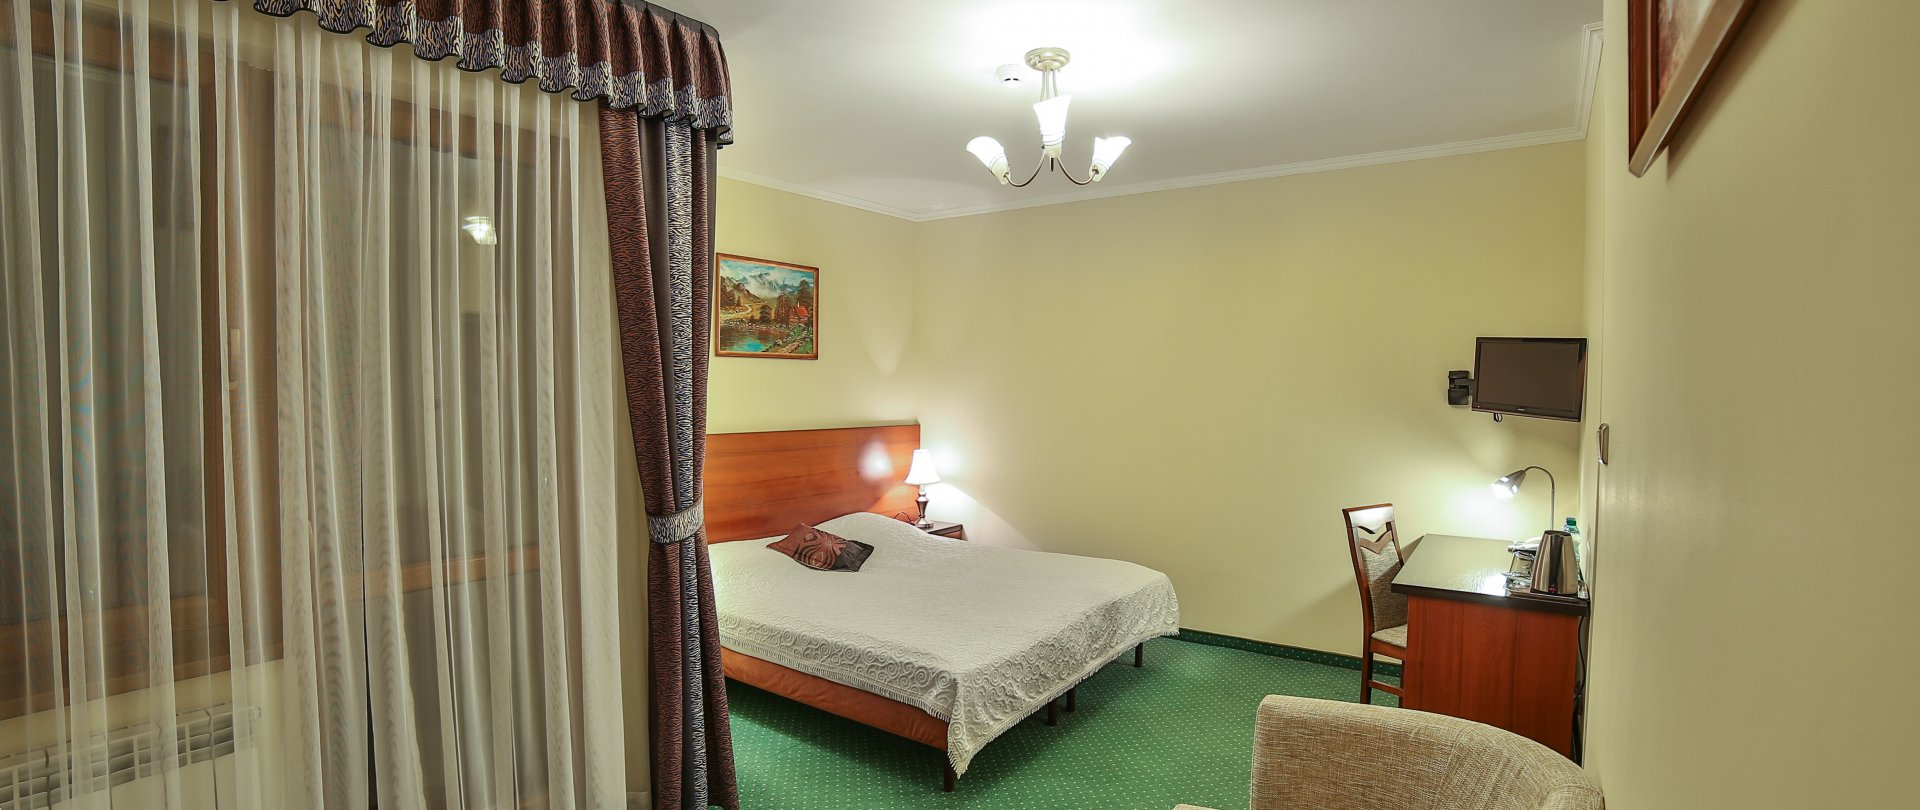 Pokój typu Deluxe z łóżkiem typu Queen Size